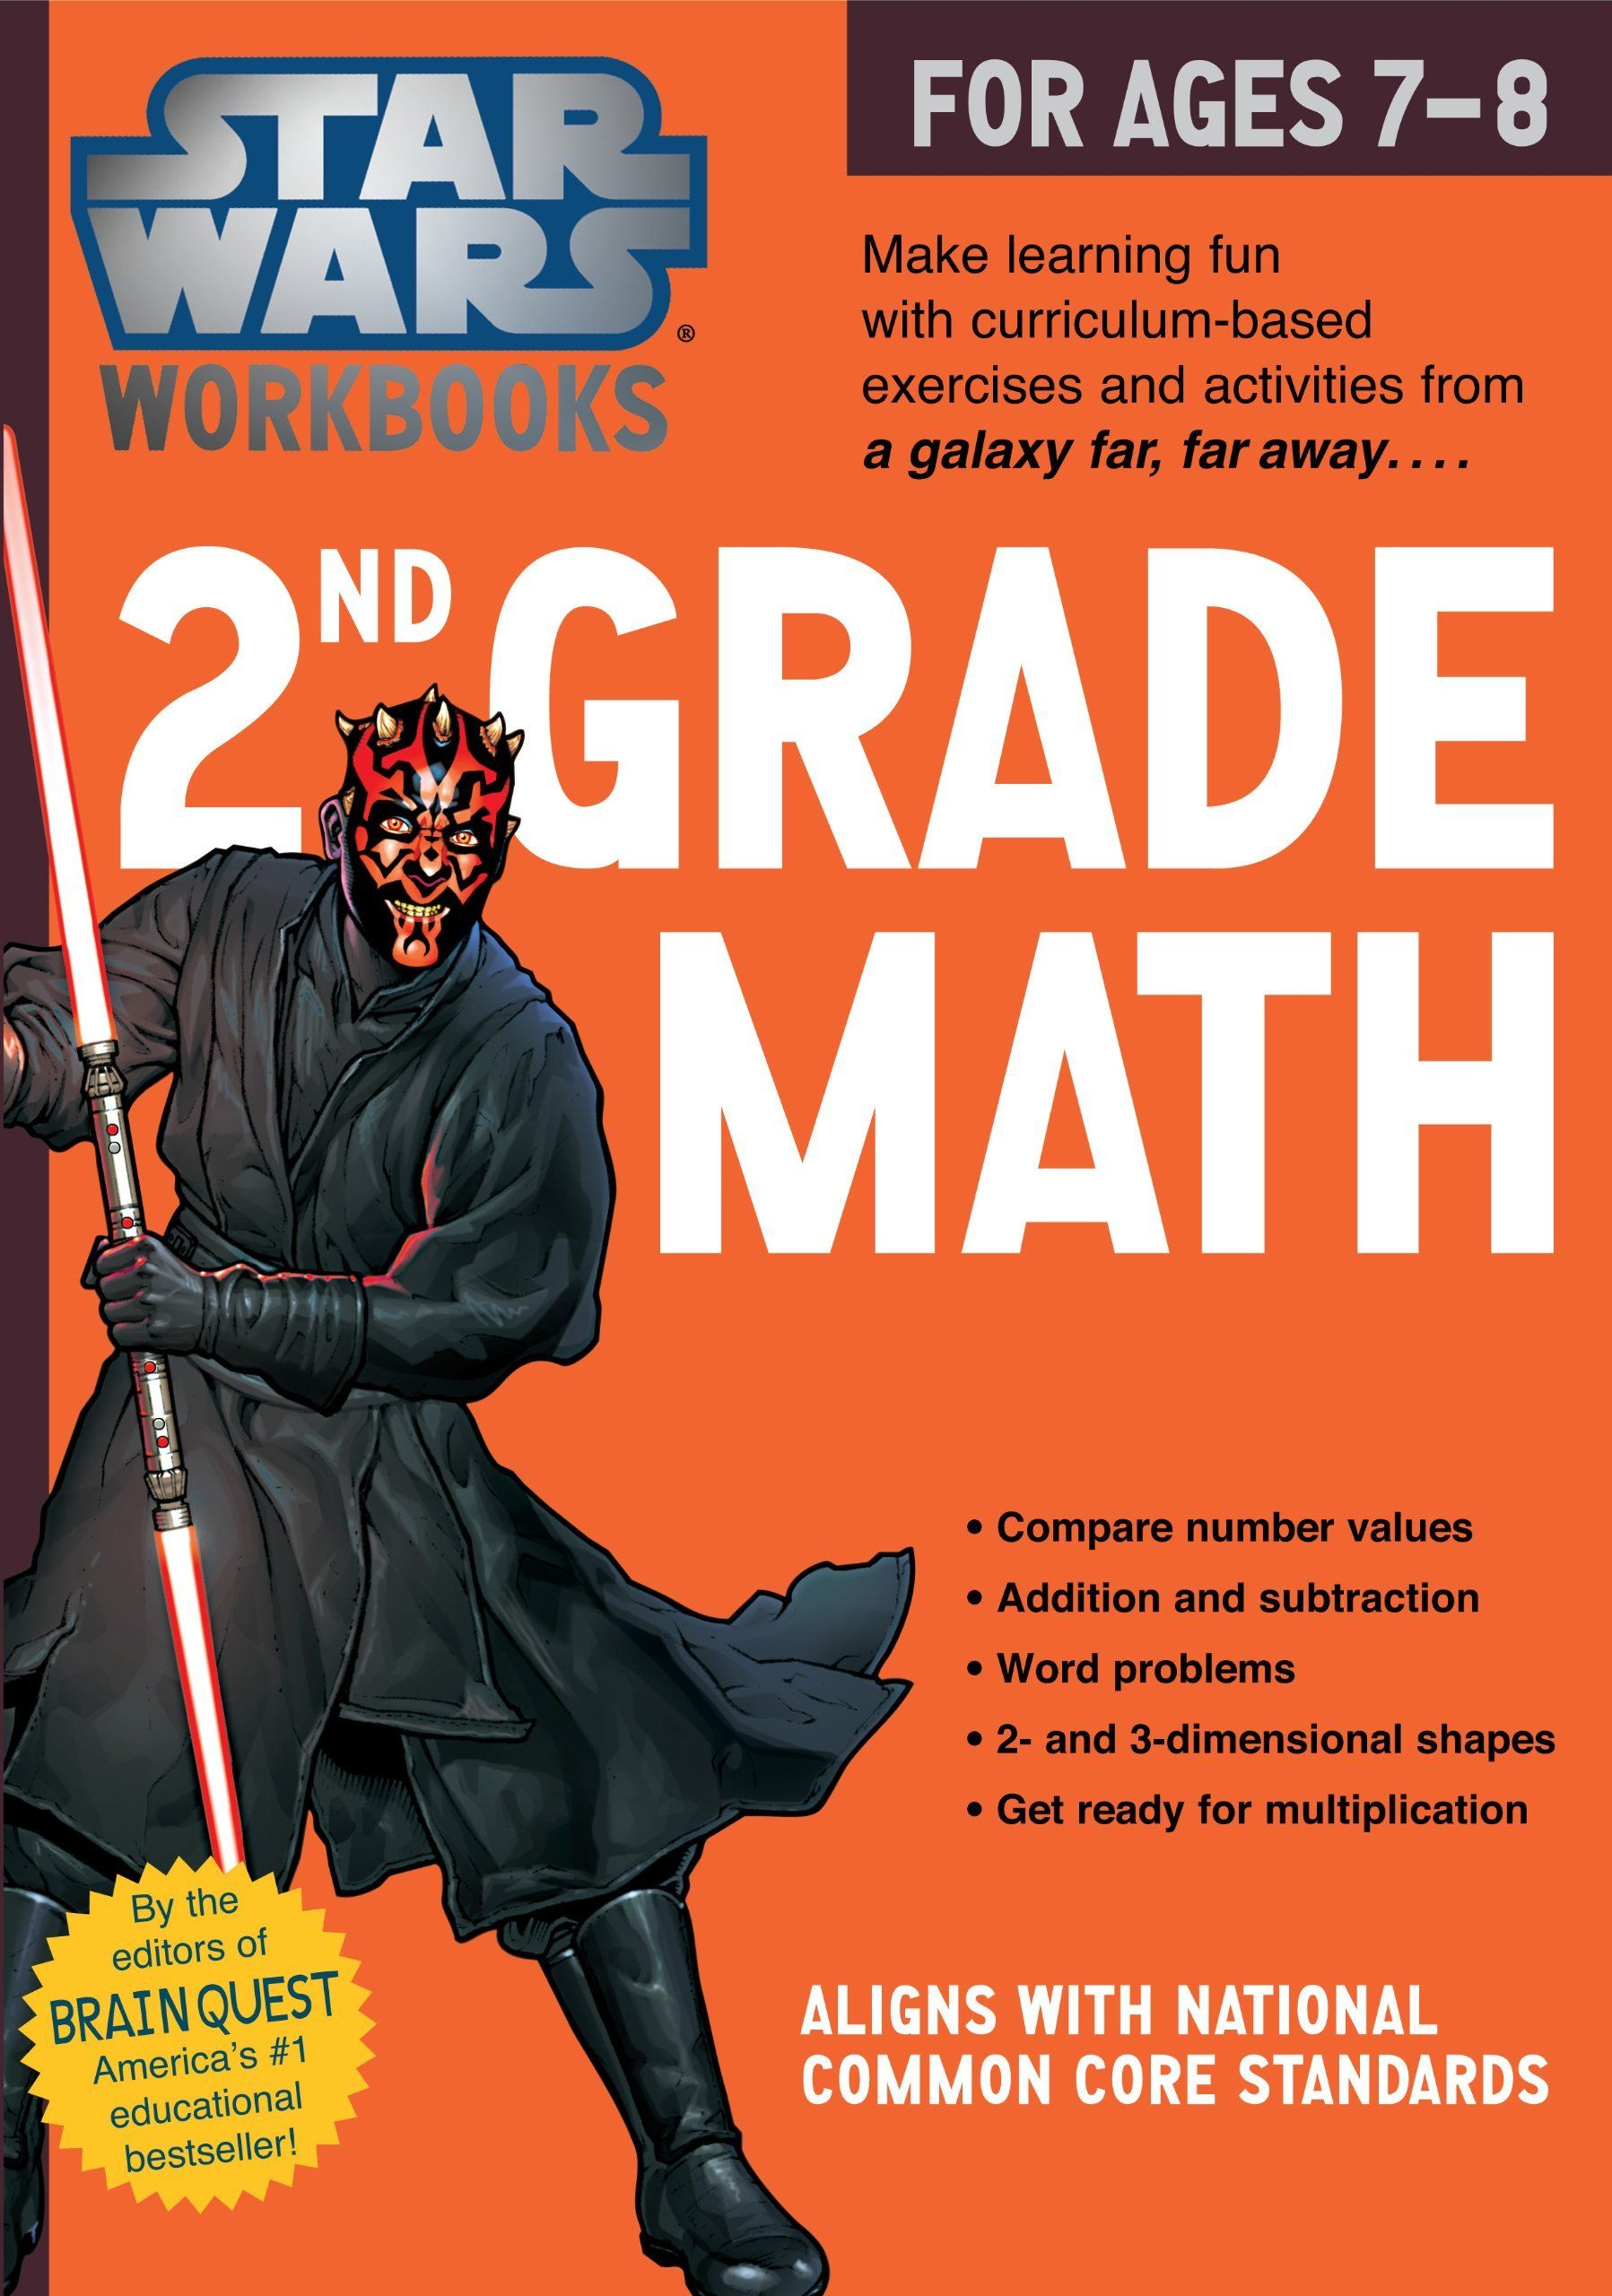 Star Wars Workbook - 2nd Grade Math | Products